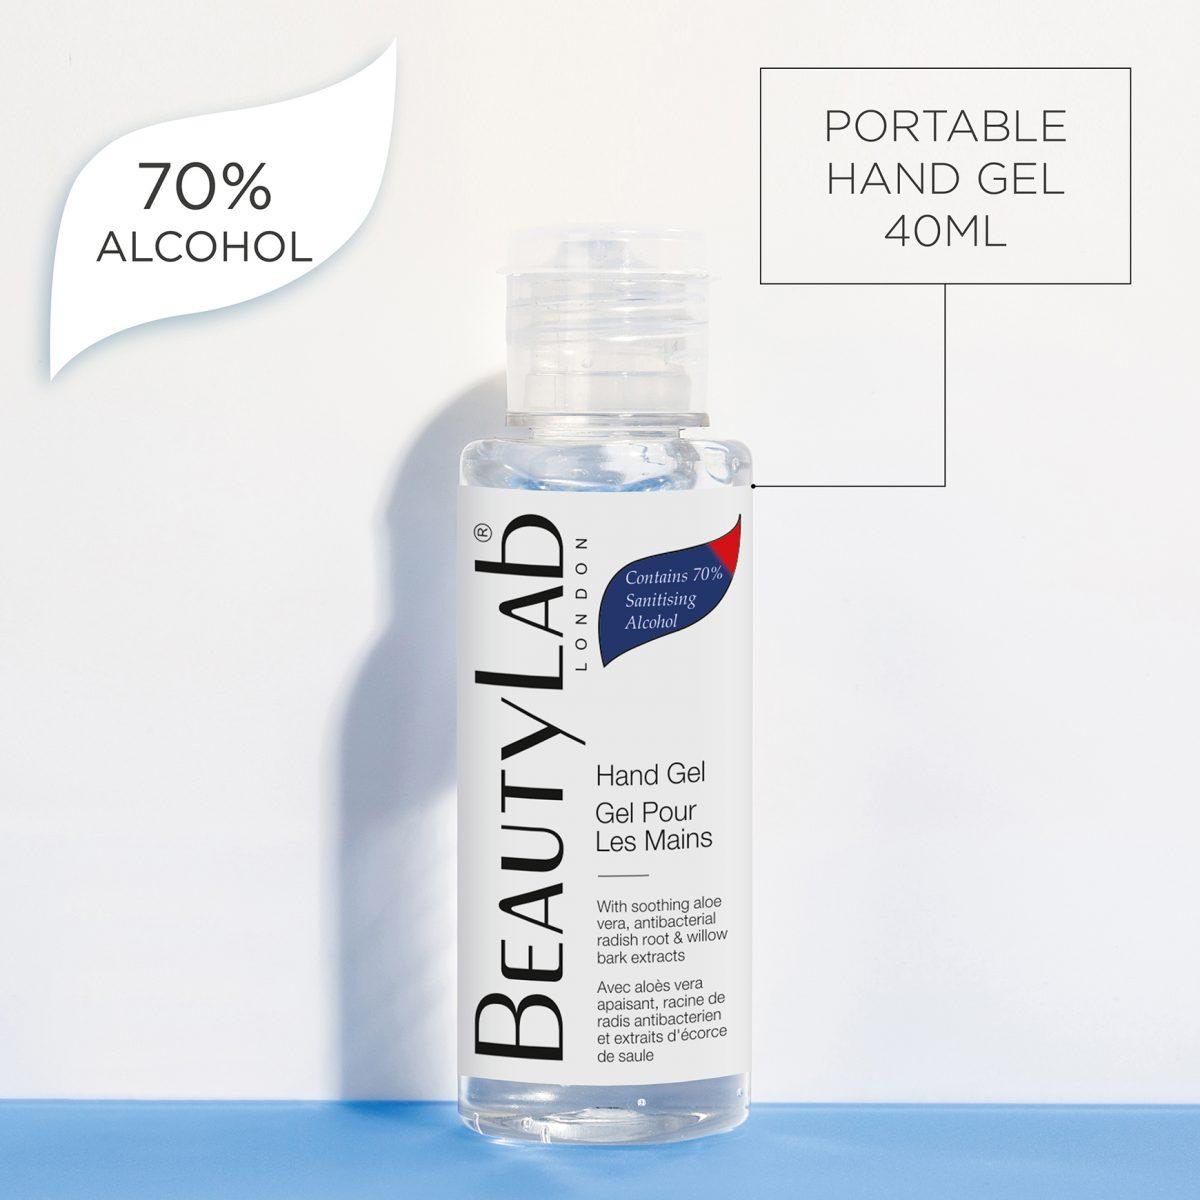 Gel hydroalcoolique 40ml 70% Alcool